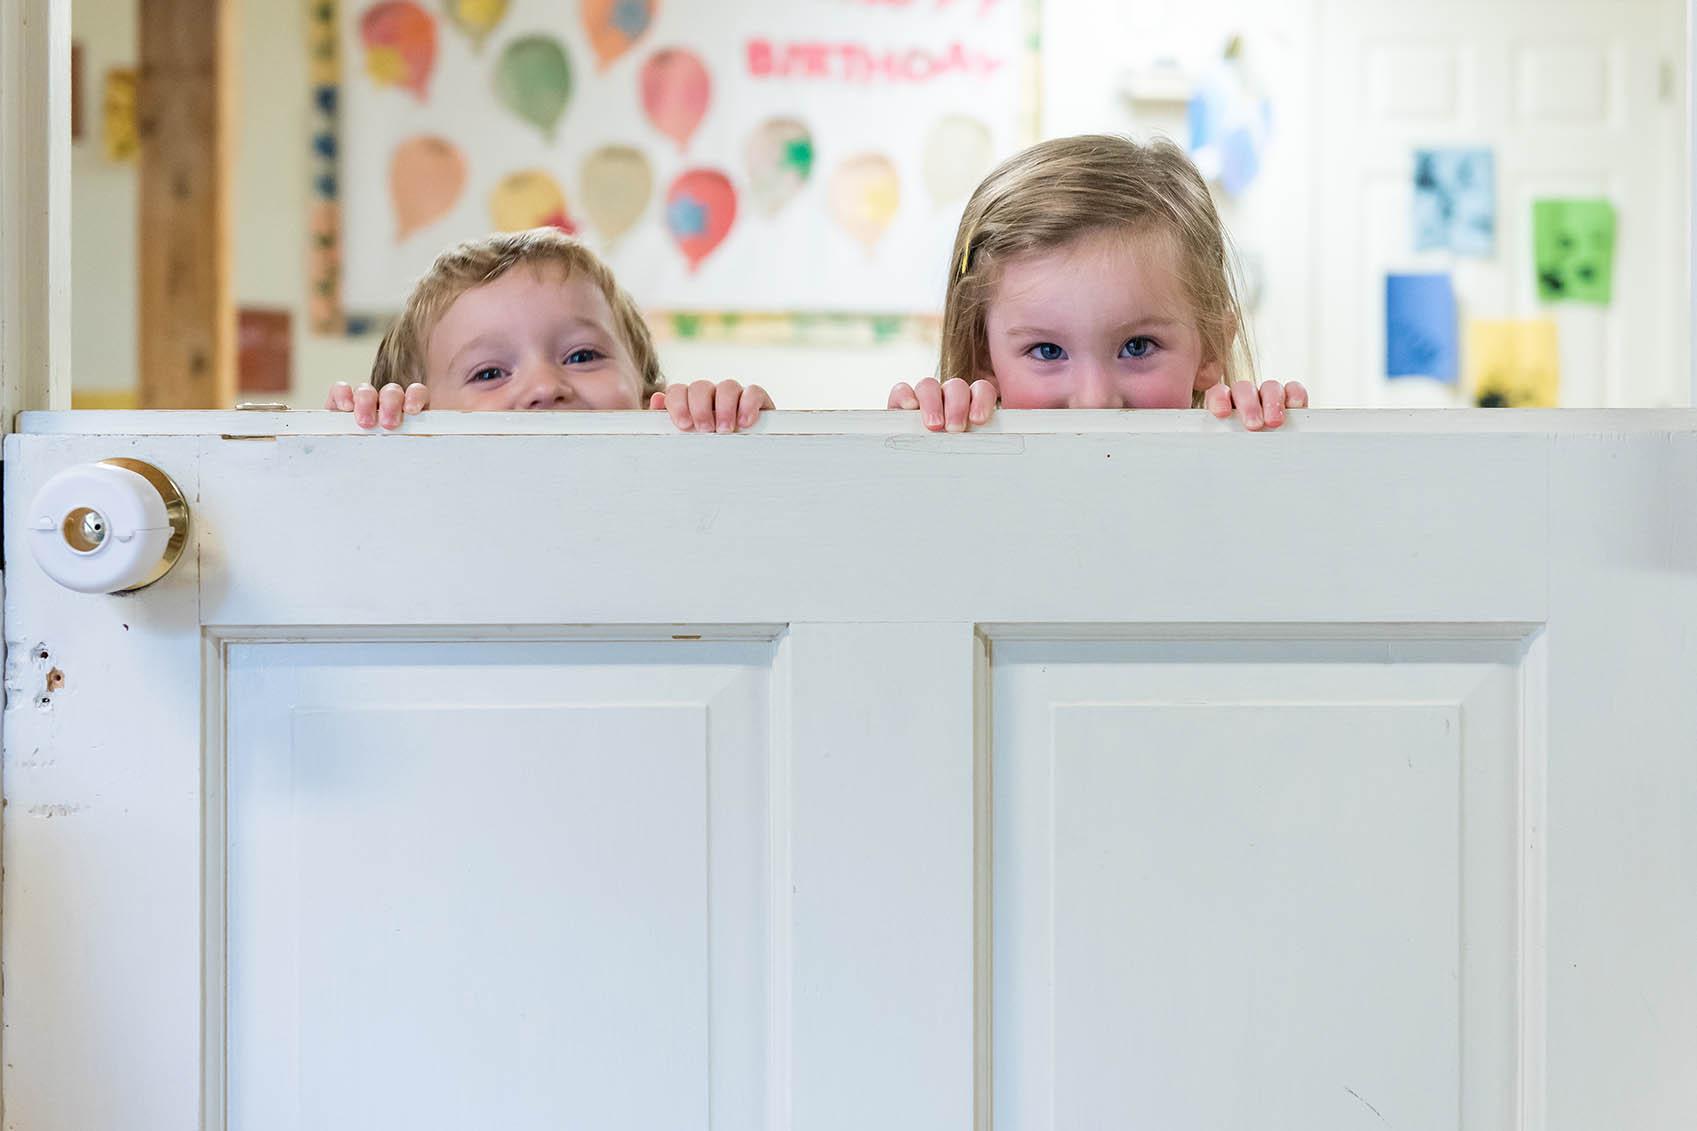 Young children peeking over door